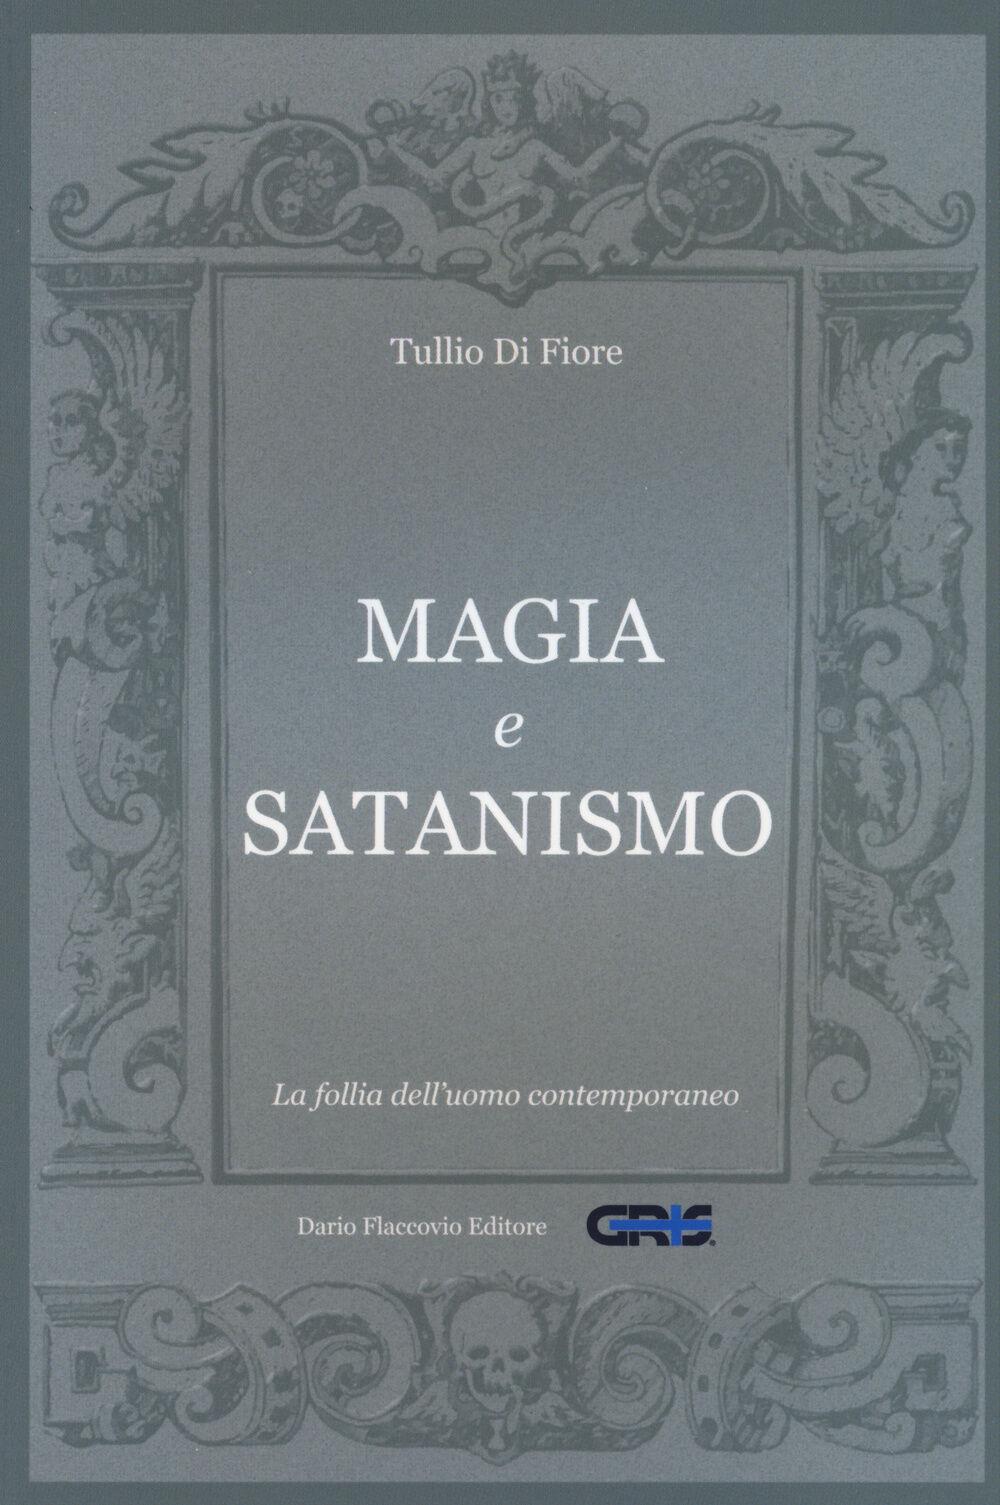 Magia e satanismo. La follia dell'uomo contemporaneo